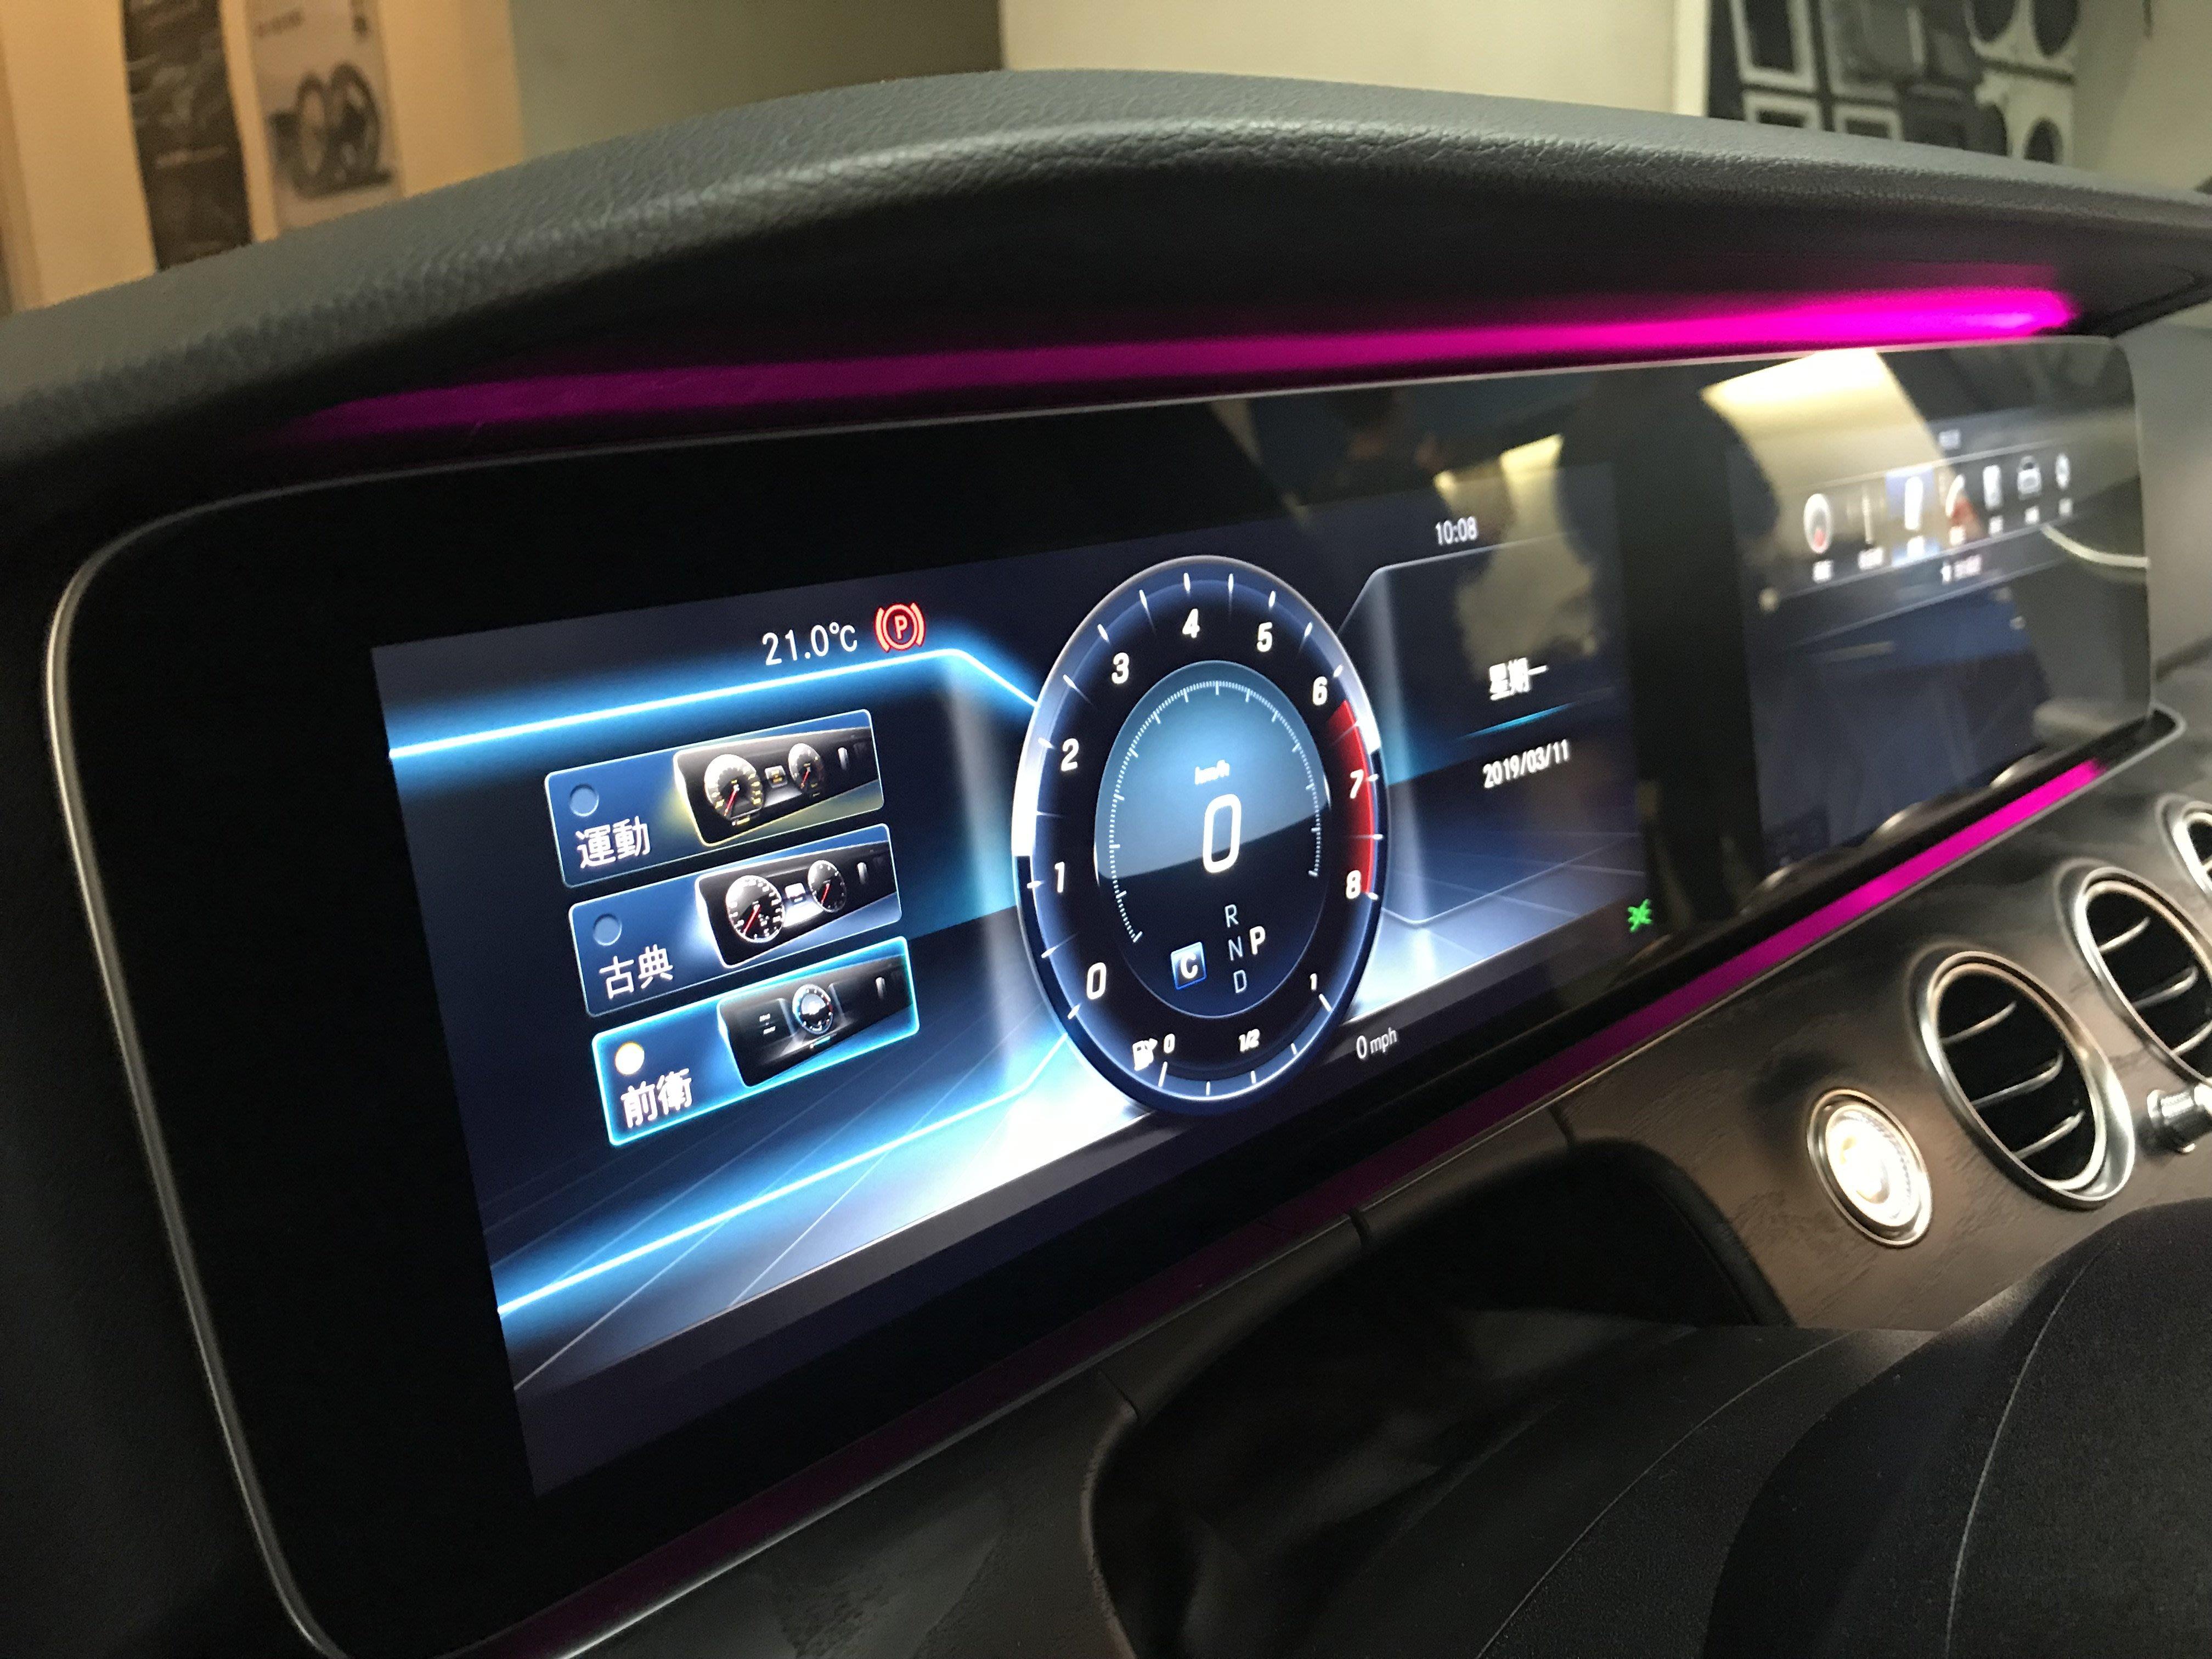 台中巨博專業影音 專 改BENZ 賓士 W213 原廠小螢幕改雙液晶螢幕 12.3吋 E300 可灌原廠導航改Acc